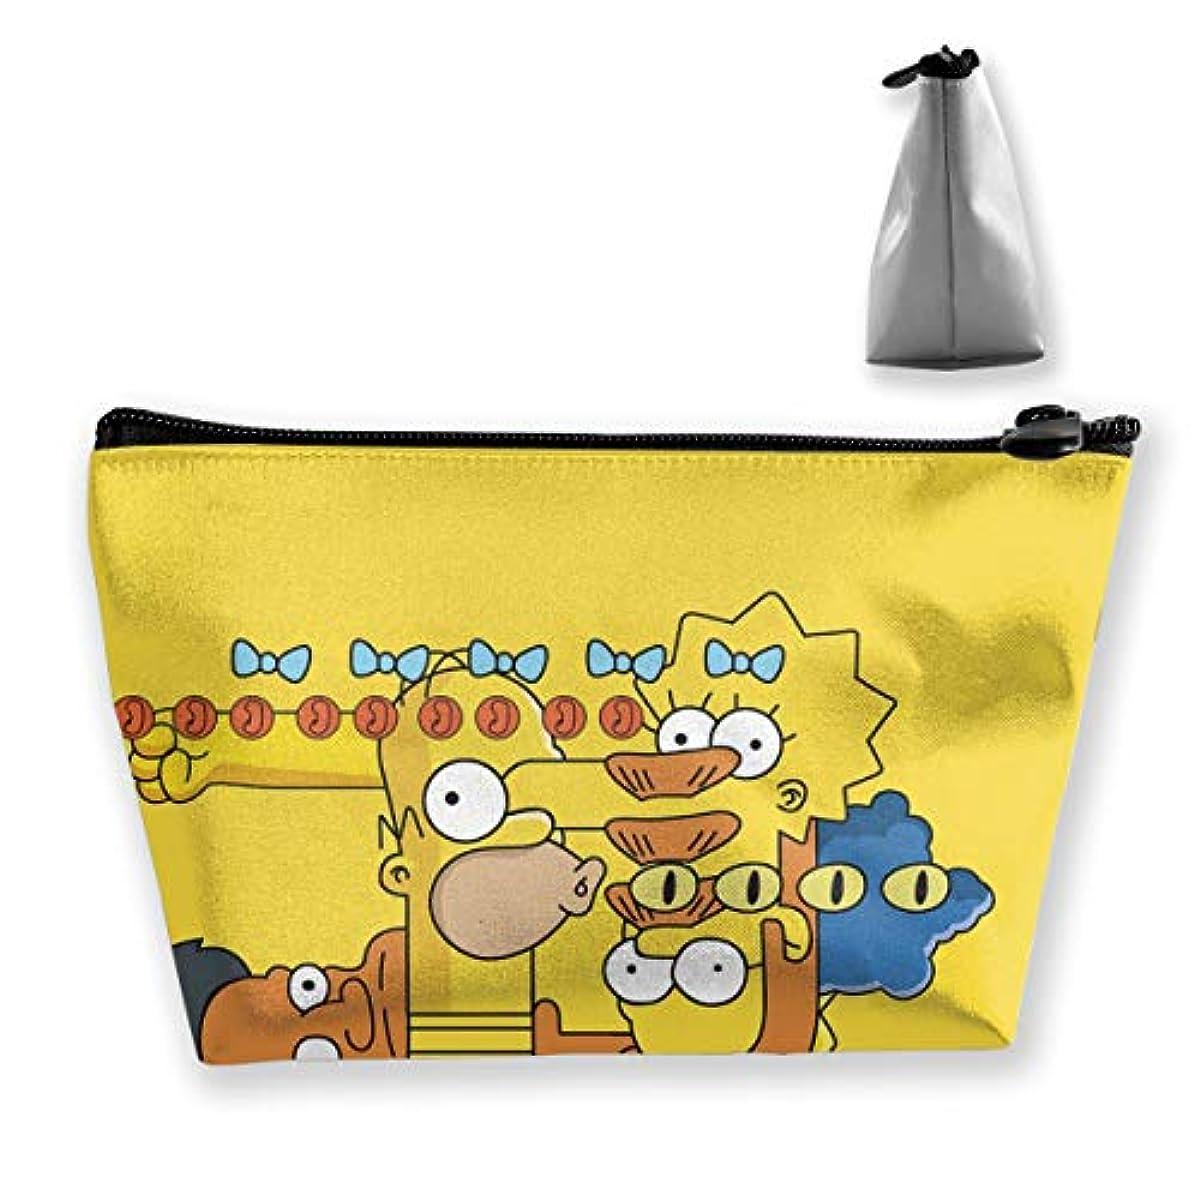 援助するコンテンツストライプDSM_TXSND ザ シンプソンズ Simpsons 化粧ポーチ ポーチ 小物入れ 多機能コスメポーチ メイクポーチ 化粧バッグ 化粧品 コスメ収納 便利 収納ポーチ 旅行用 収納ケース 化粧ポーチ